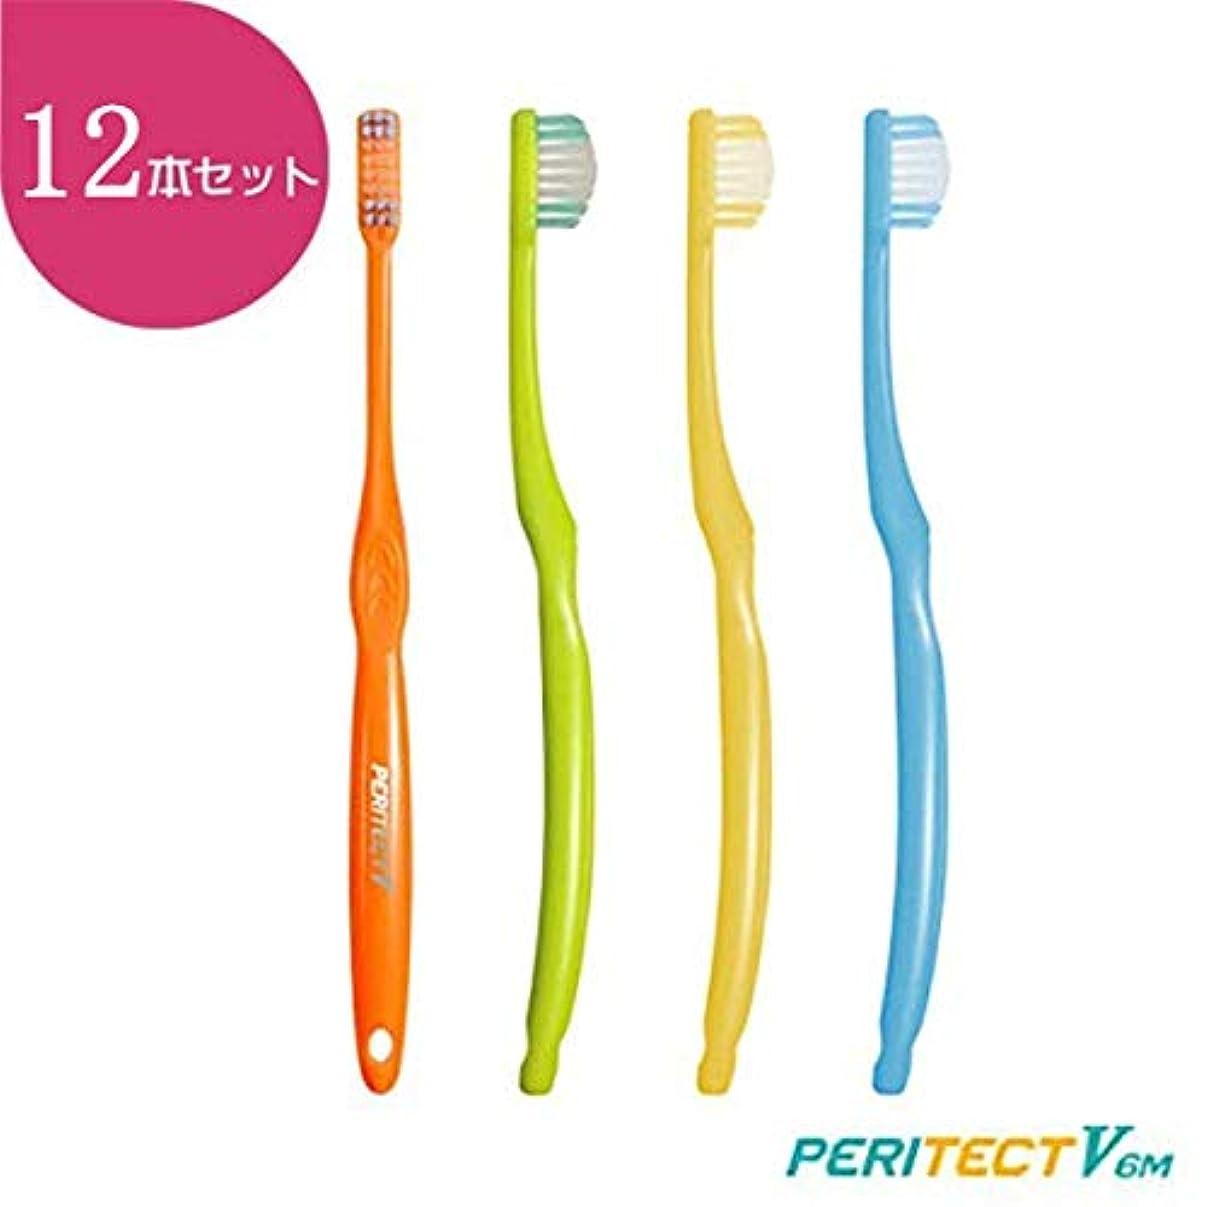 政治家めったにポスタービーブランド PERITECT V ペリテクト ブイ 6M(やわらかめ)×12本 歯ブラシ 歯科専売品